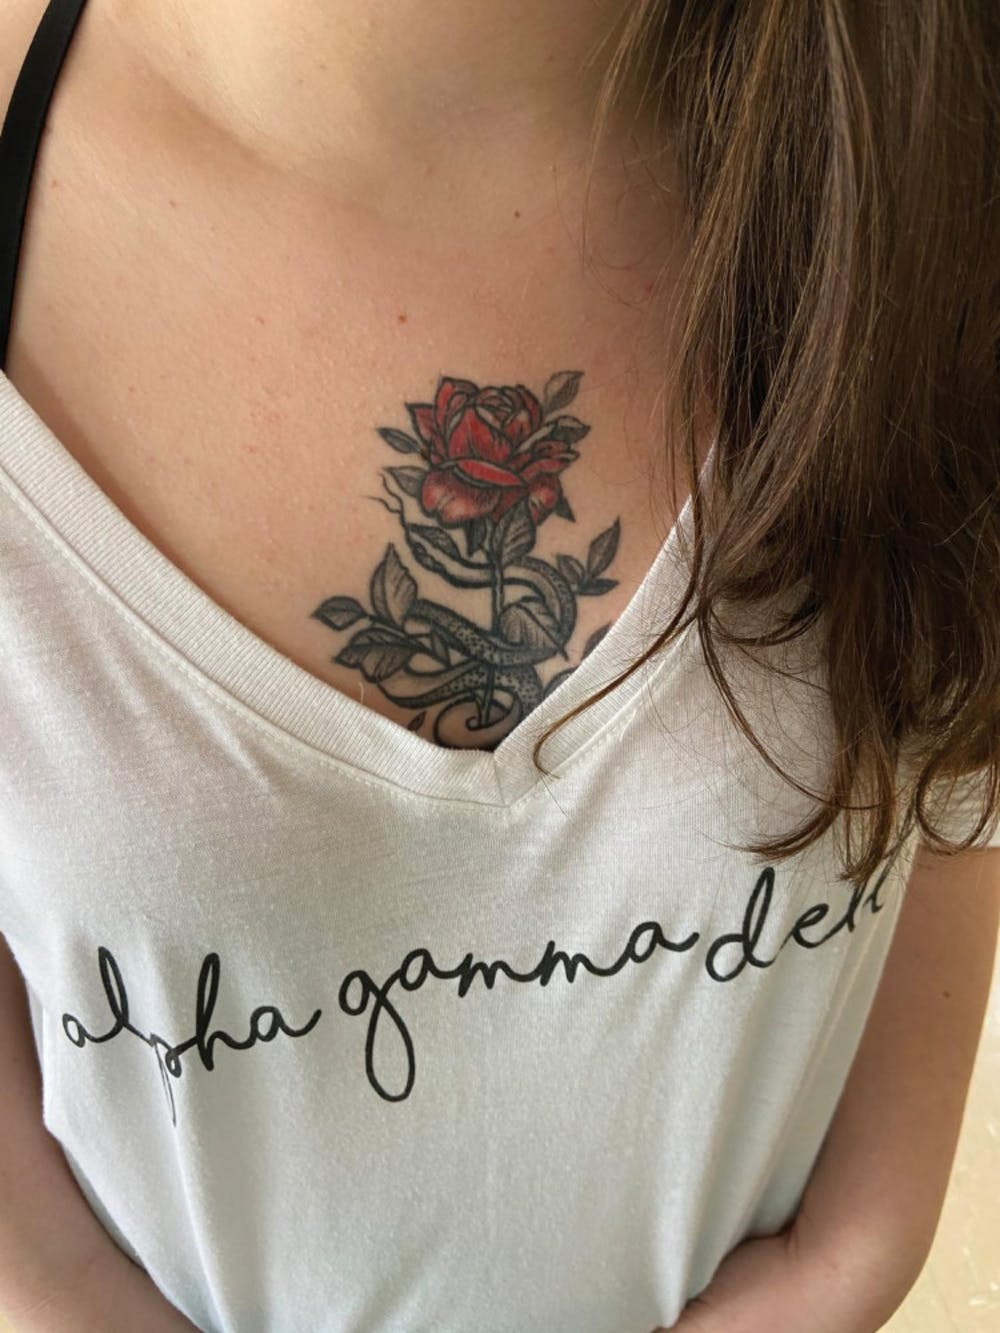 Alexus Goodrum's chest tattoo.